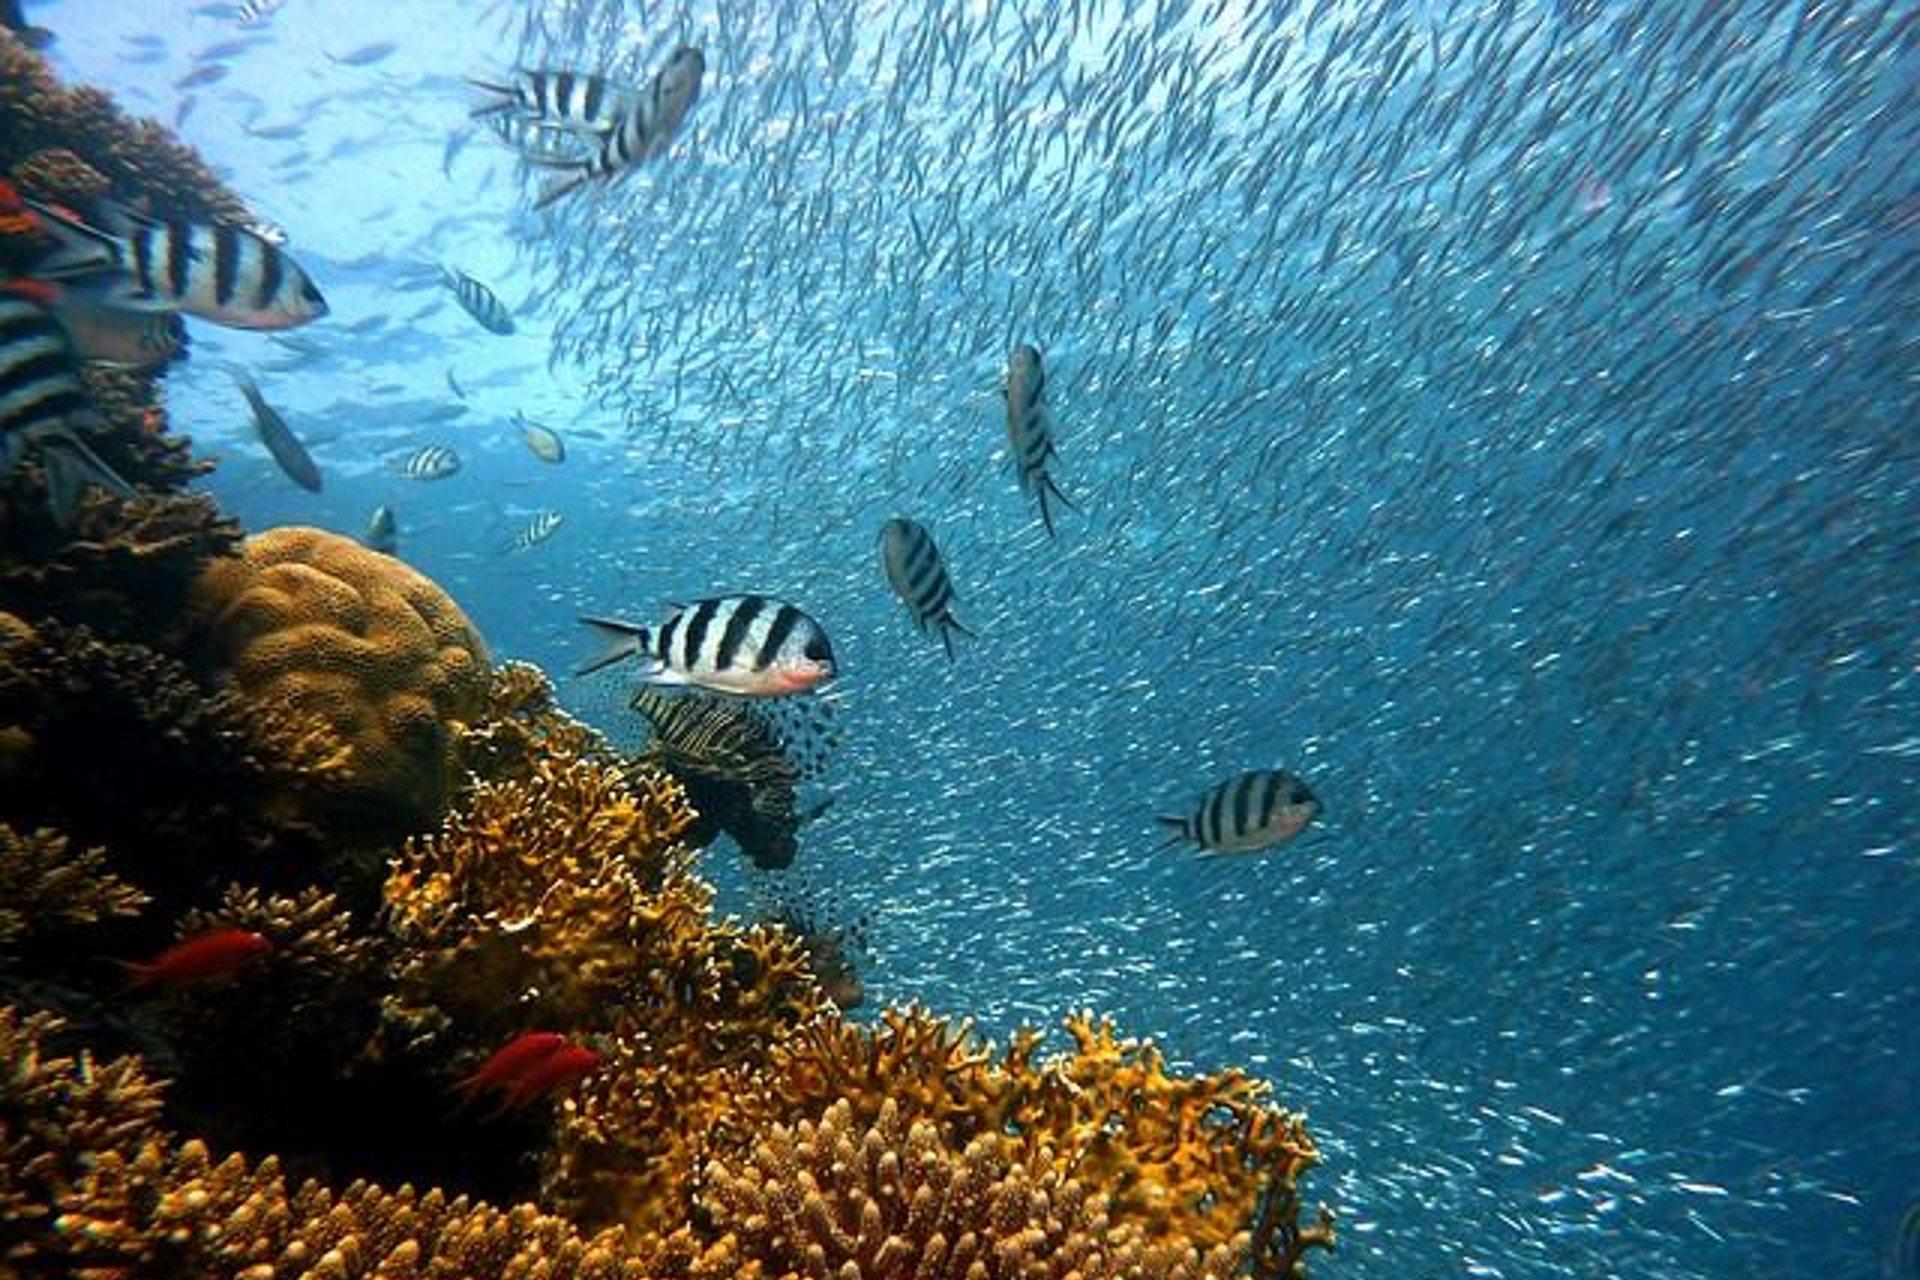 banc de poissons et coraux dans de l'eau claire